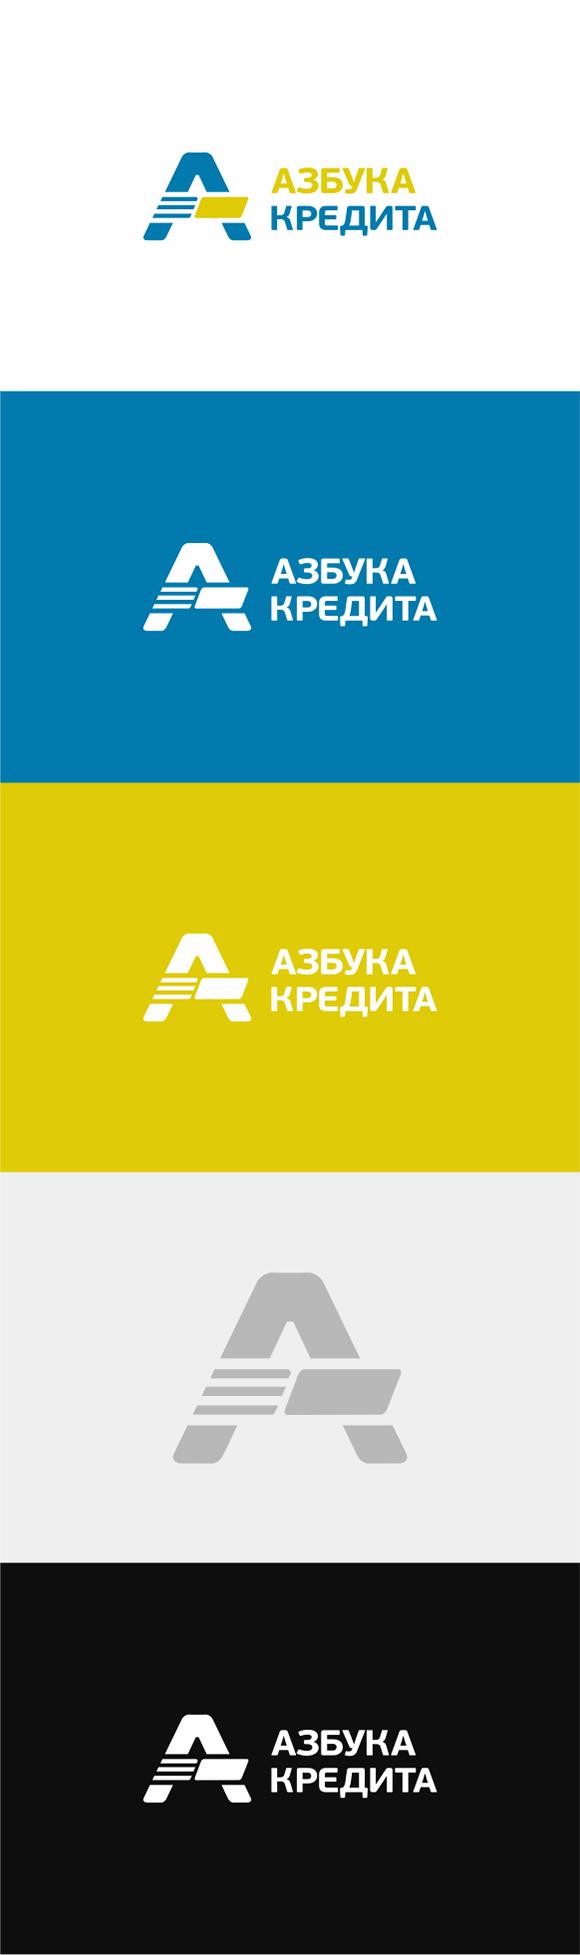 Разработать логотип для финансовой компании фото f_2835df21b0b31f5d.jpg